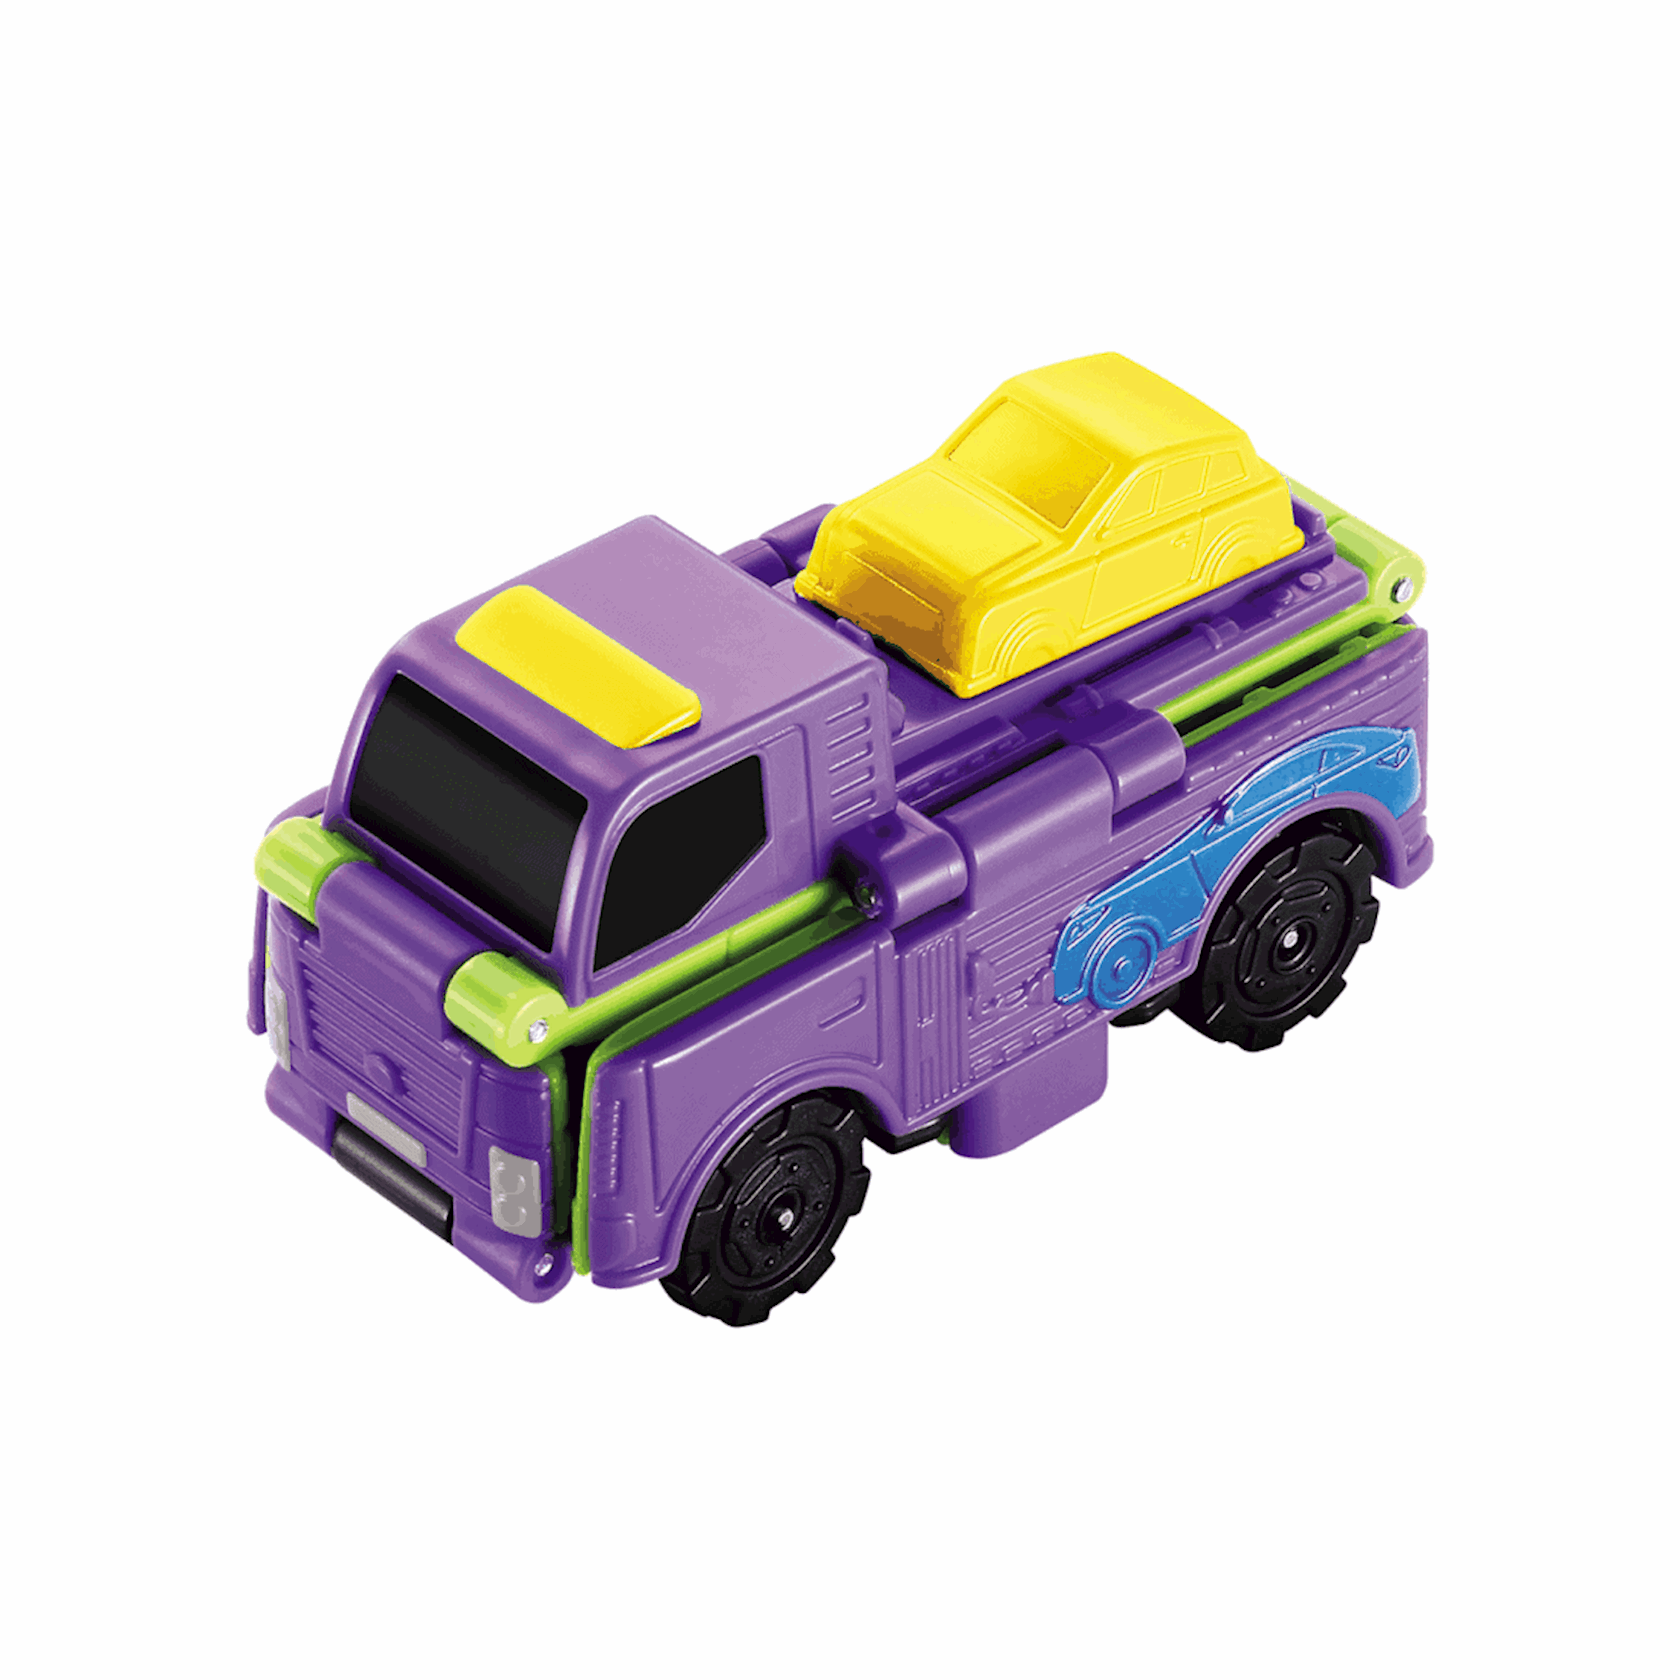 Maşın-transformer TransRacers Timber Truck & Transporter, 3+ yaş, plastik, yaşıl/bənövşəyi